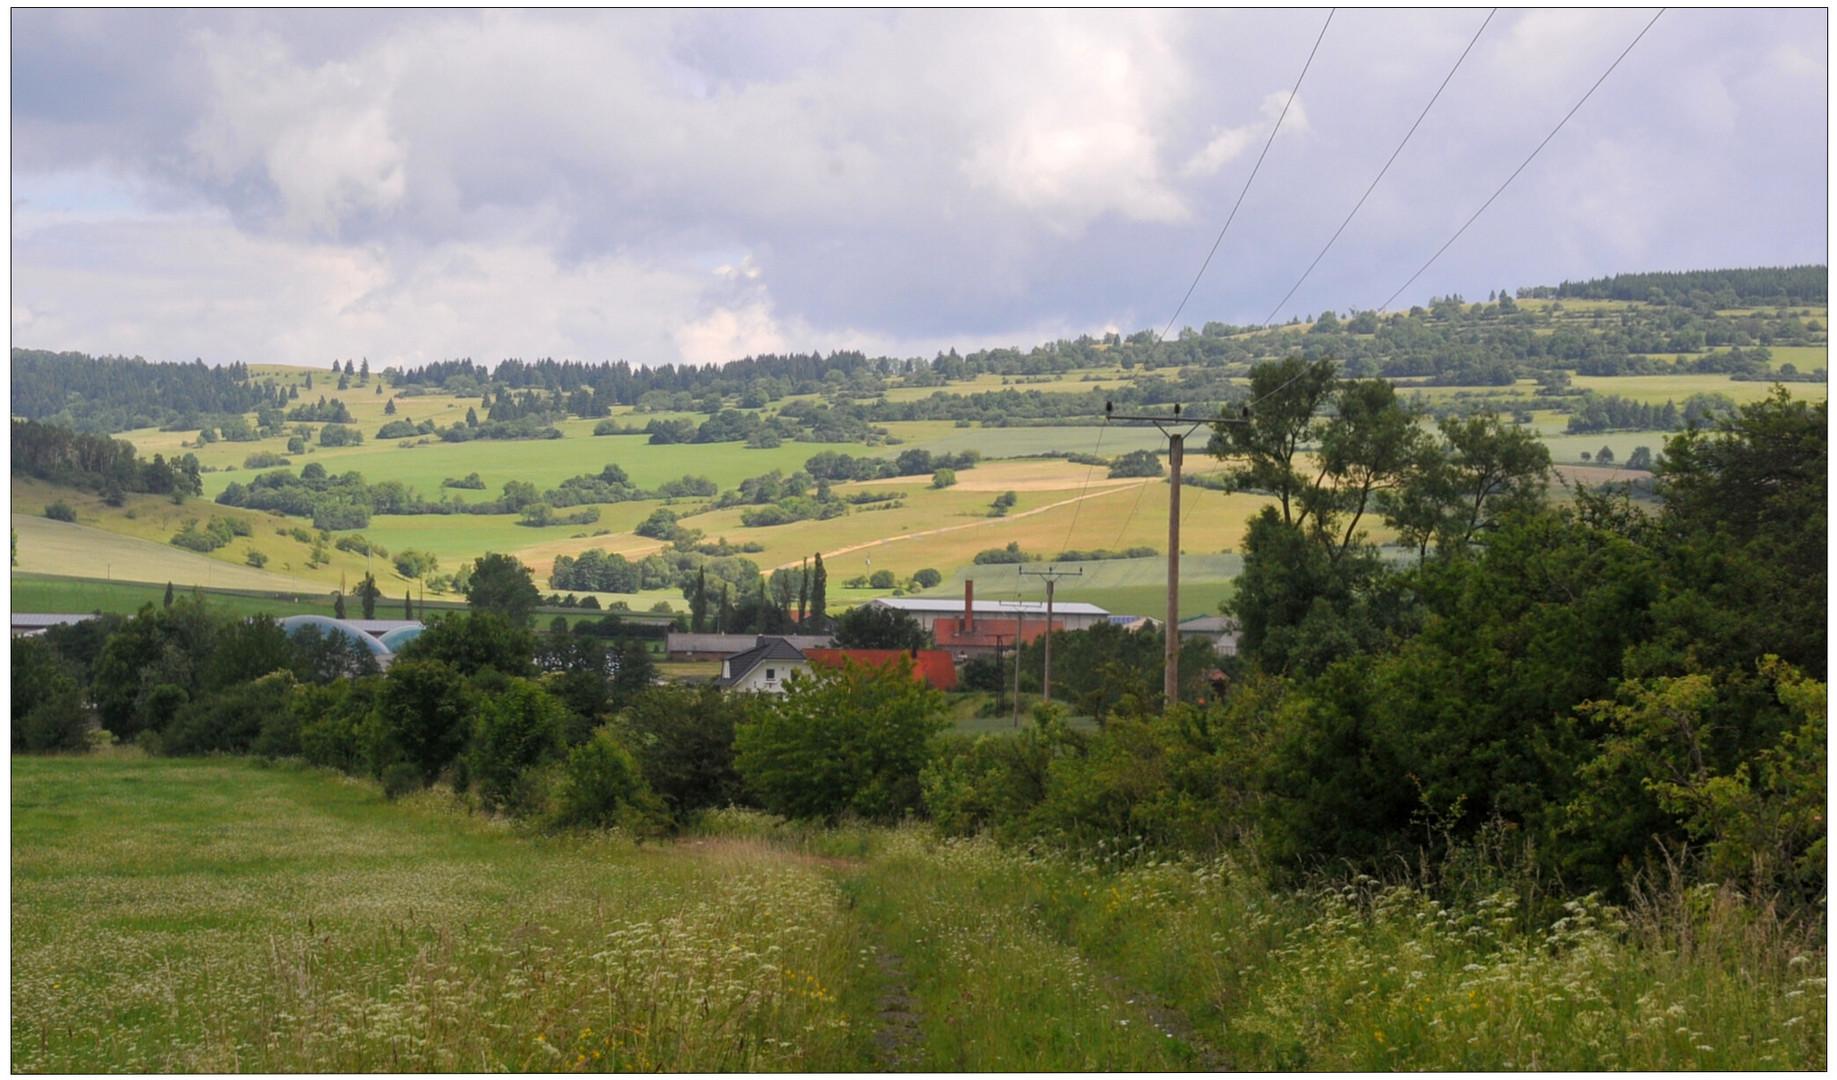 El camino al lago (der Weg zum See)